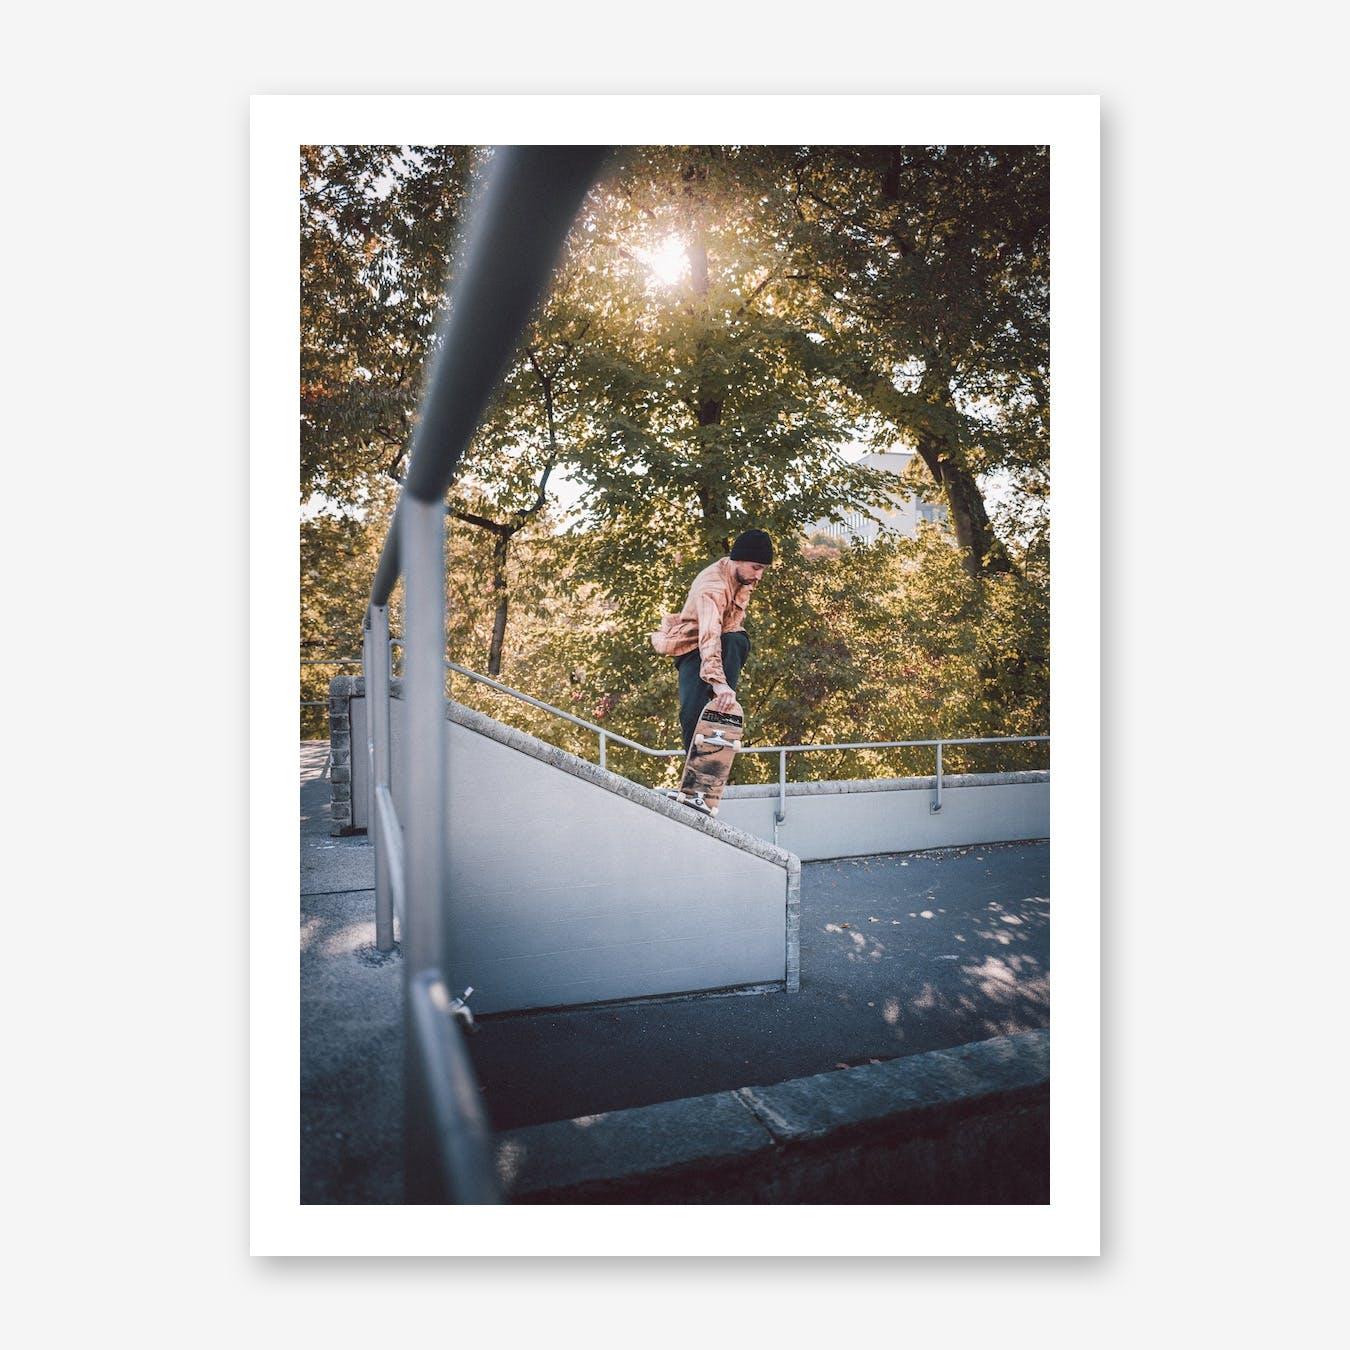 Sunset Skate x Zurich